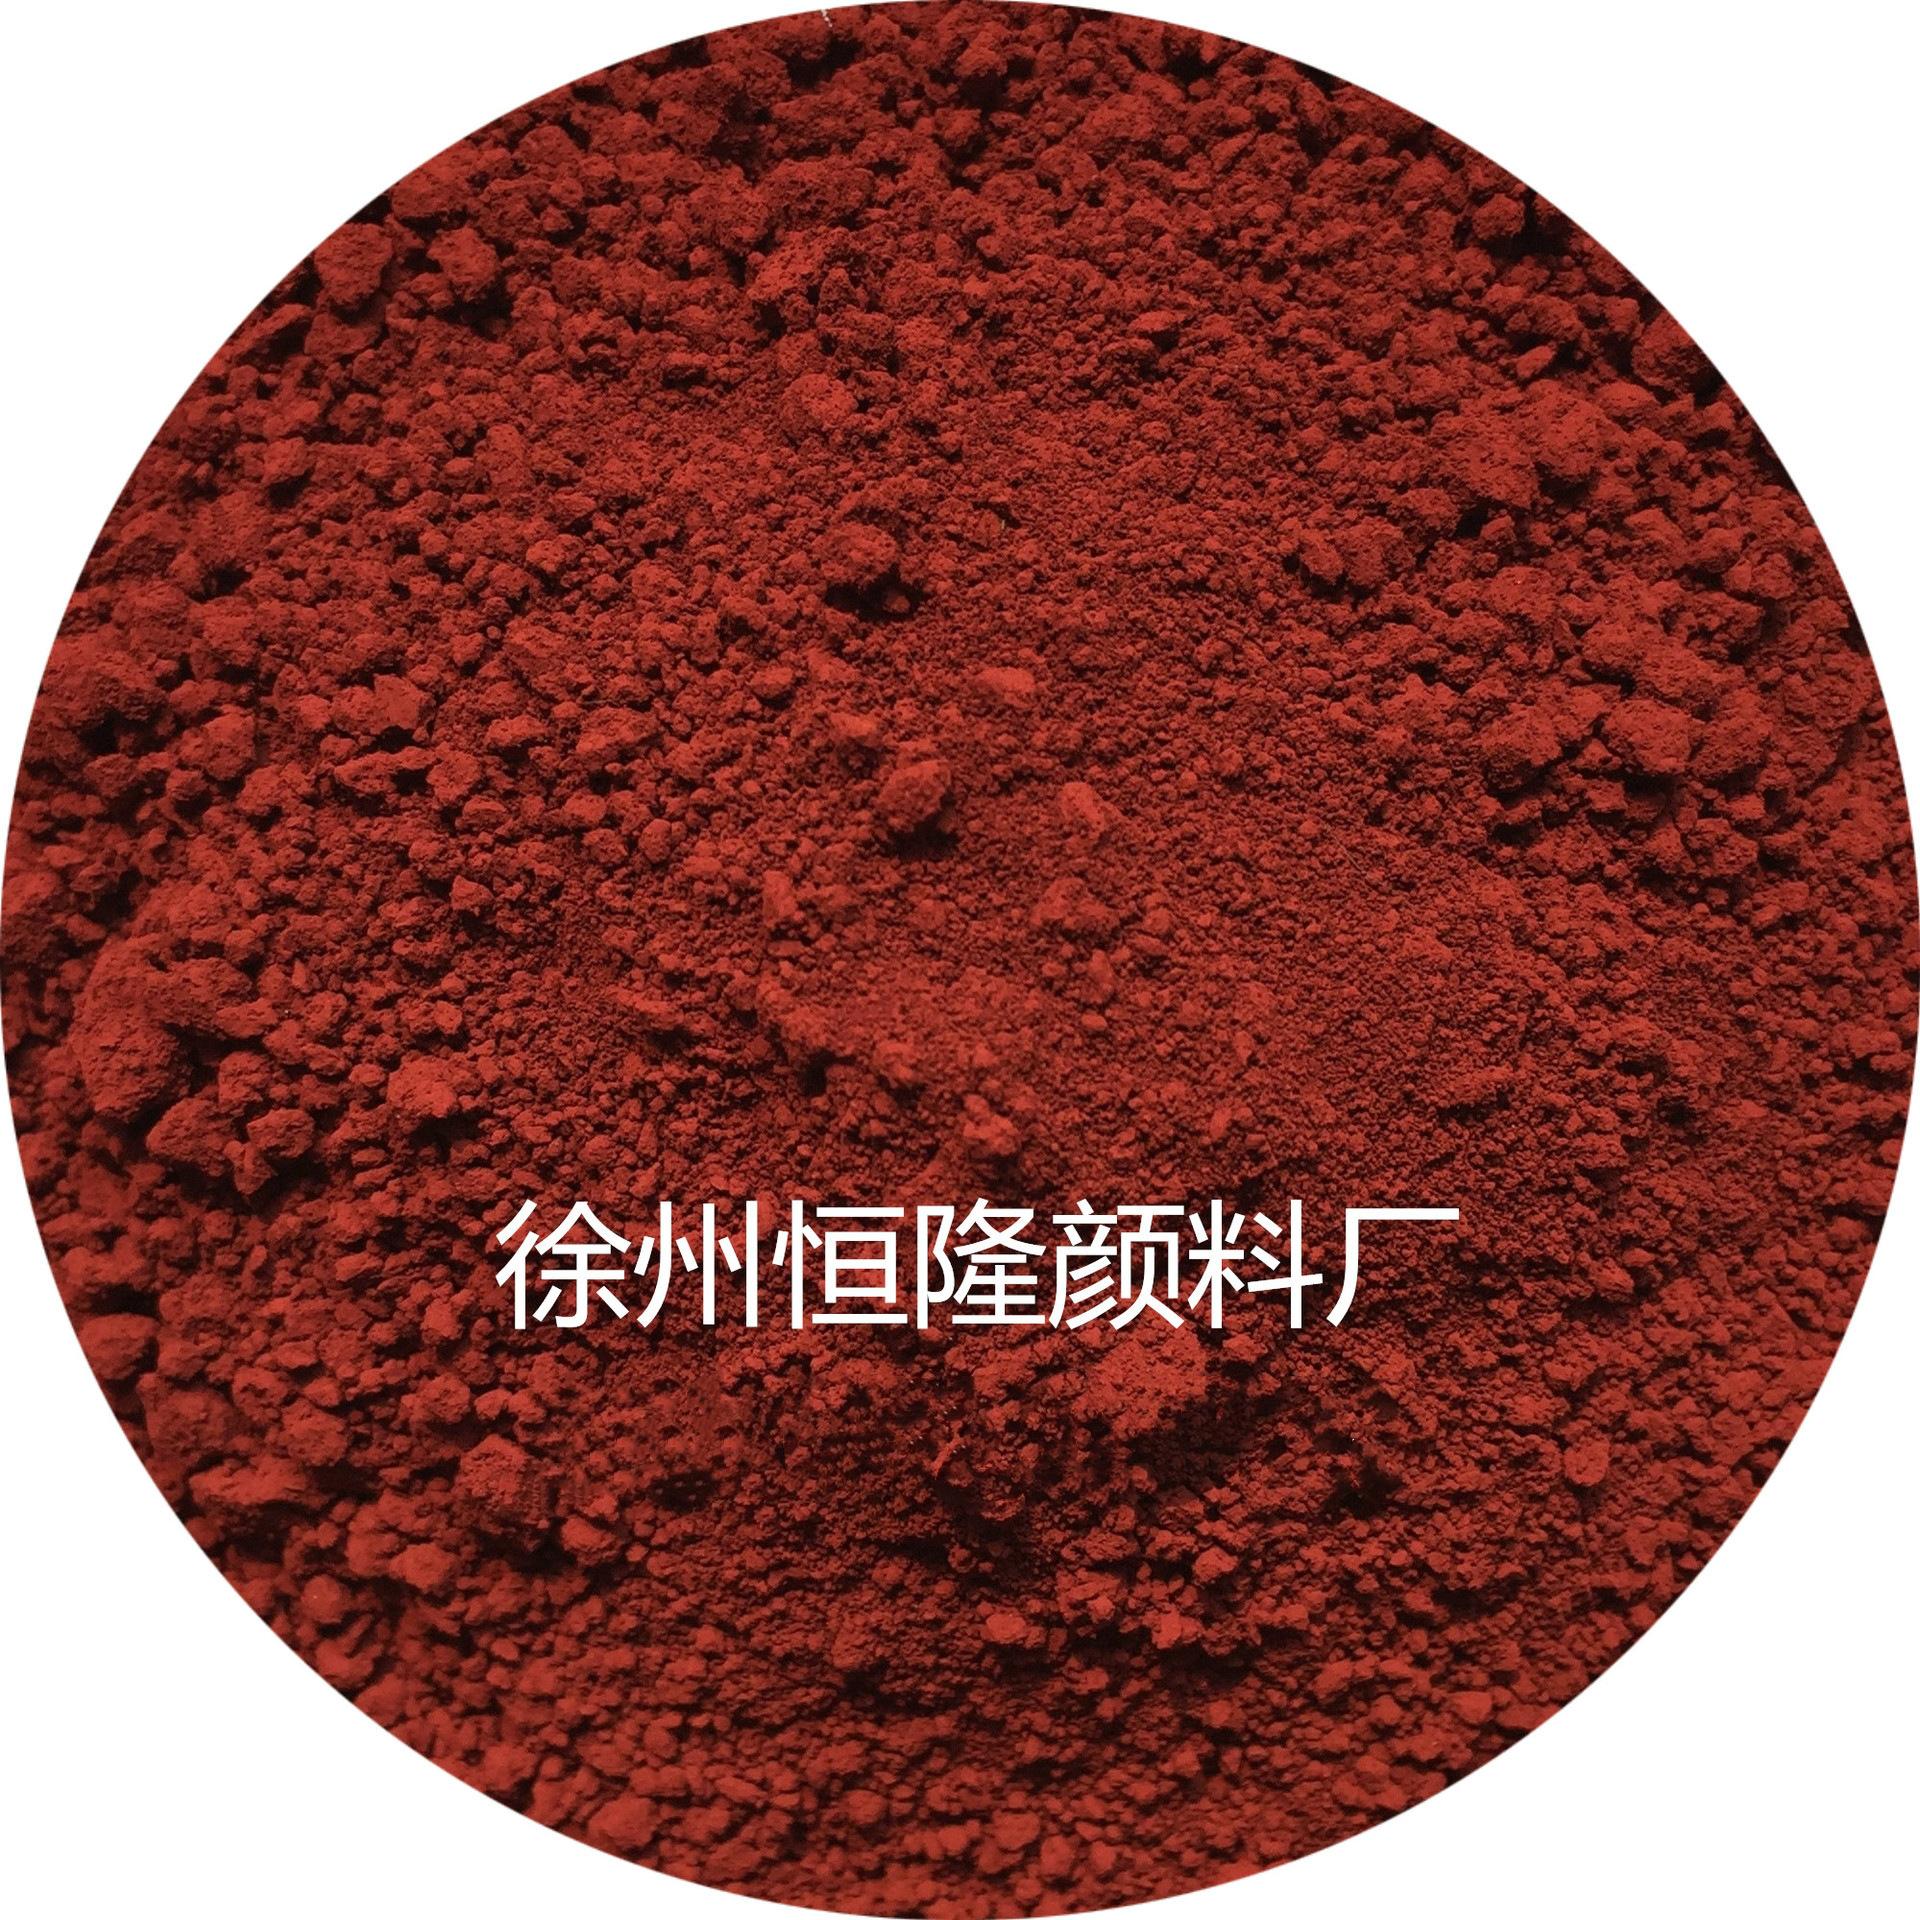 DELONG Bột màu vô cơ Sản xuất sắt oxit đỏ 190 sắt đỏ sắc tố màu gạch đỏ sắc tố sàn sắc tố cao su